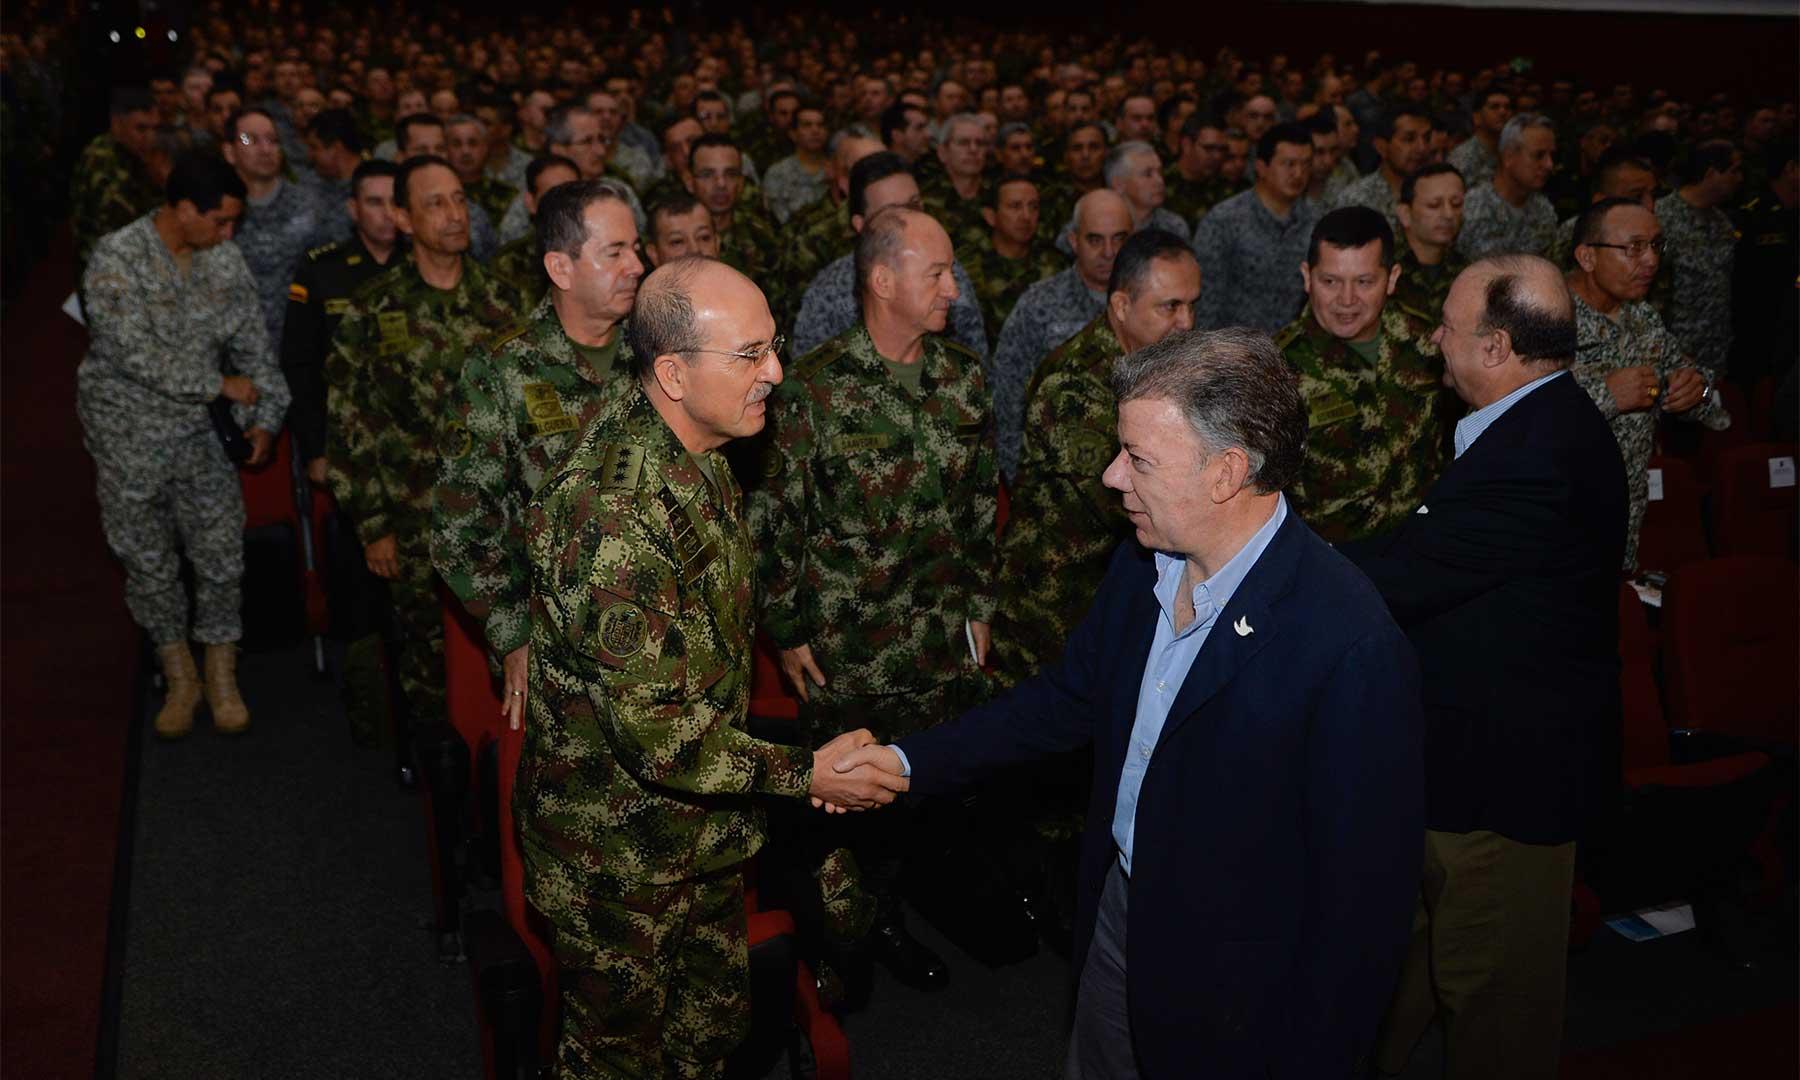 El Presidente Juan Manuel Santos a su llegada este sábado al Teatro Patria de Bogotá, donde dictó la 'Cátedra Colombia' sobre temas del proceso de paz, ante oficiales de las Fuerzas Militares y la Policía Nacional.